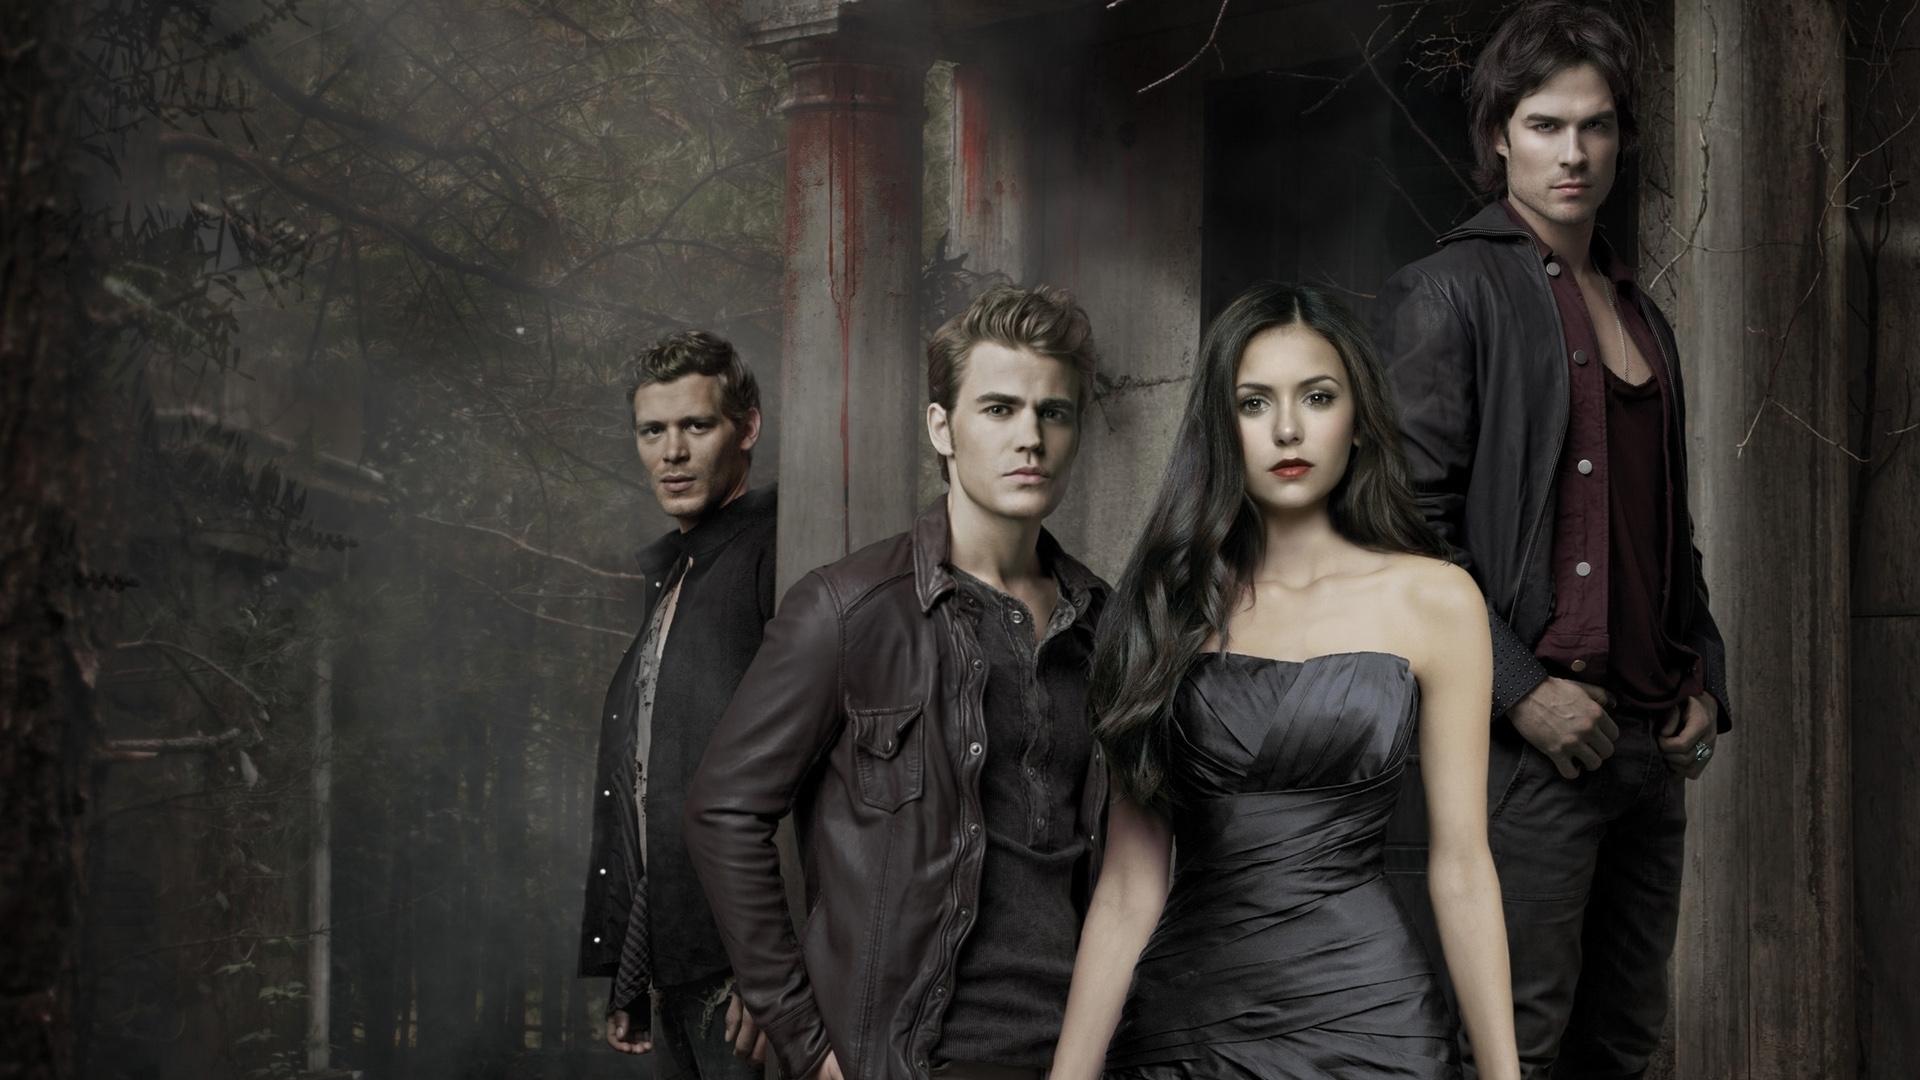 The Vampire Diaries Full HD Wallpaper